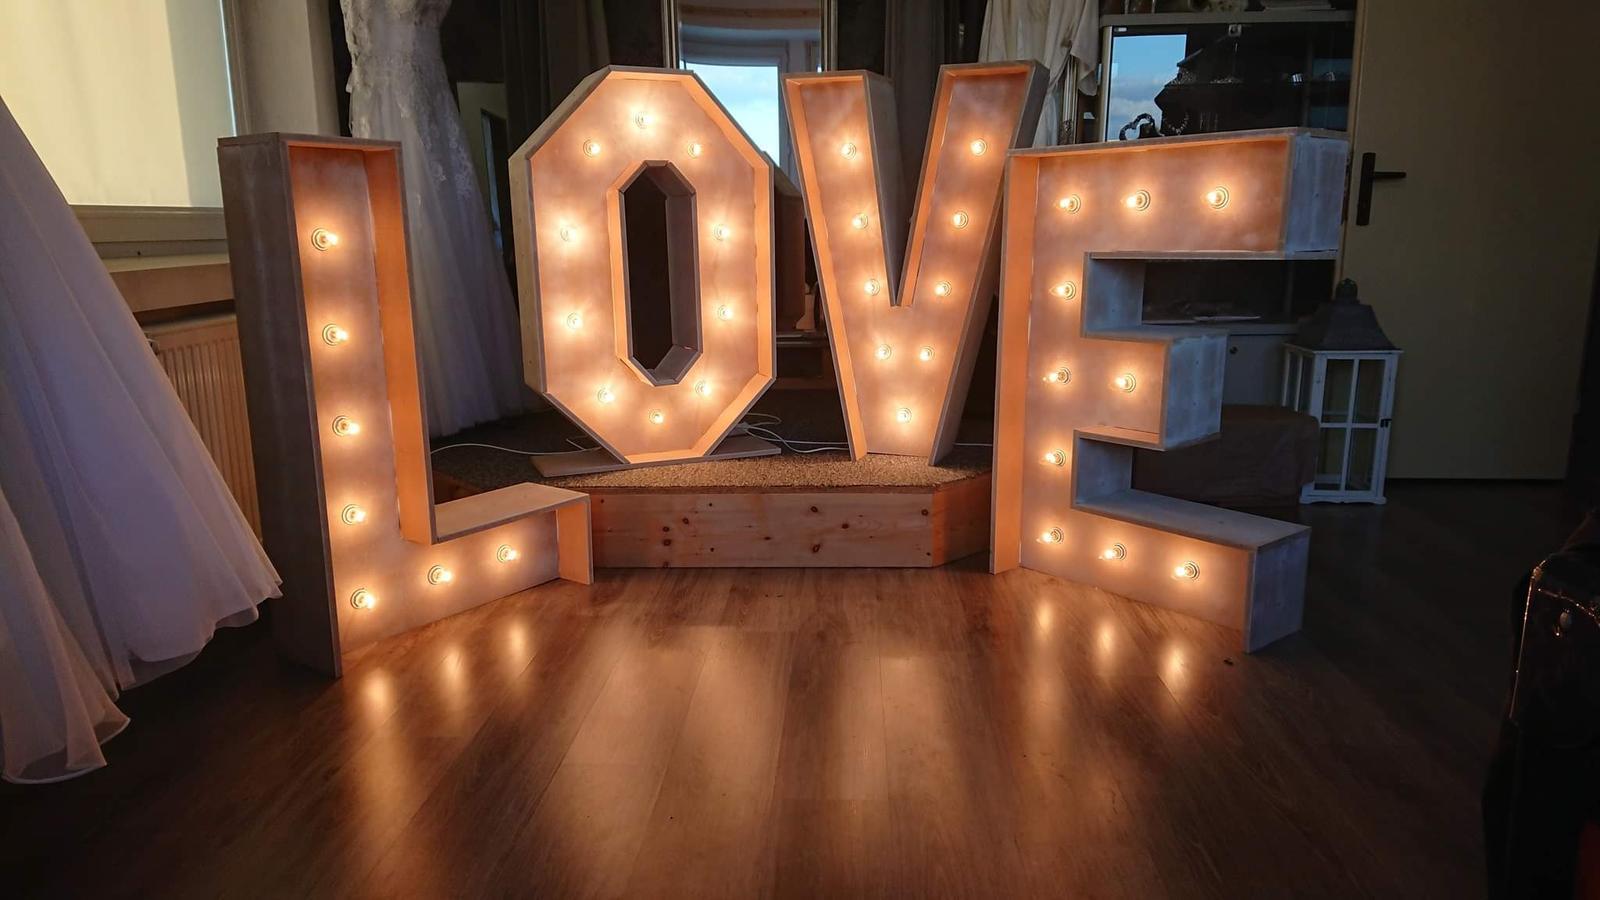 Veľké svietiace LOVE na prenájom  - Obrázok č. 1